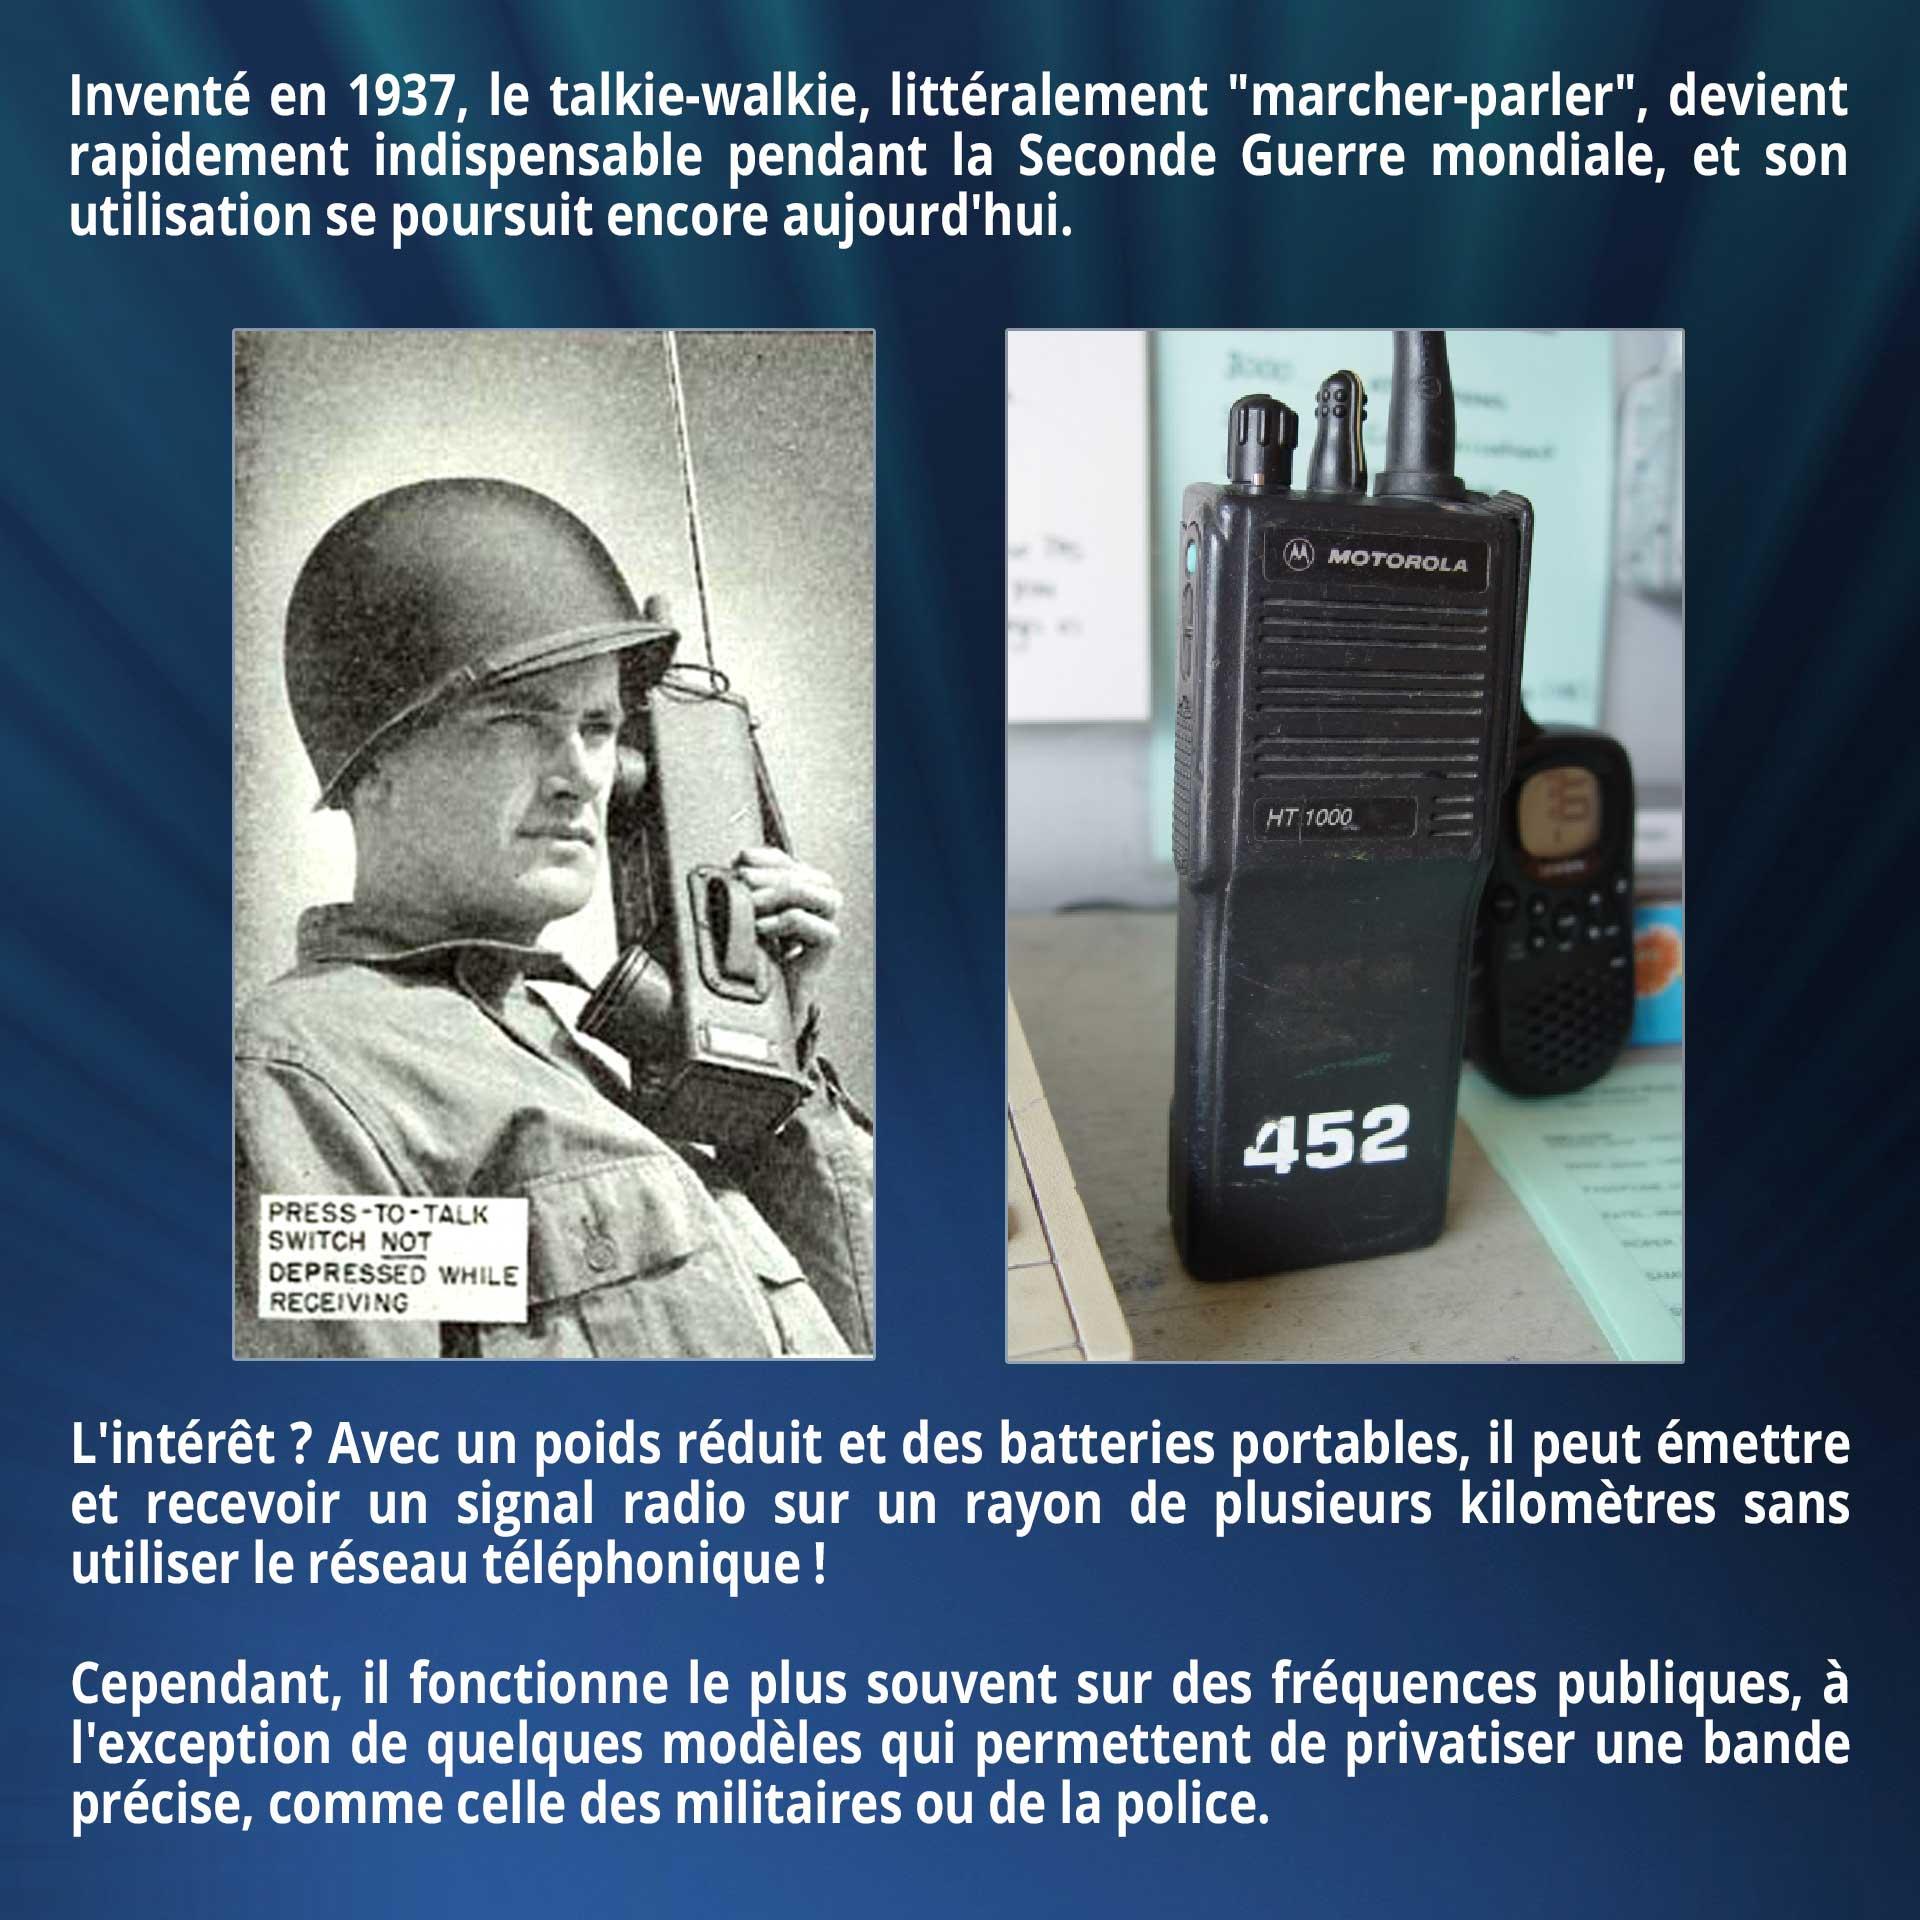 Inventé en 1937, le talkie-walkie, littéralement